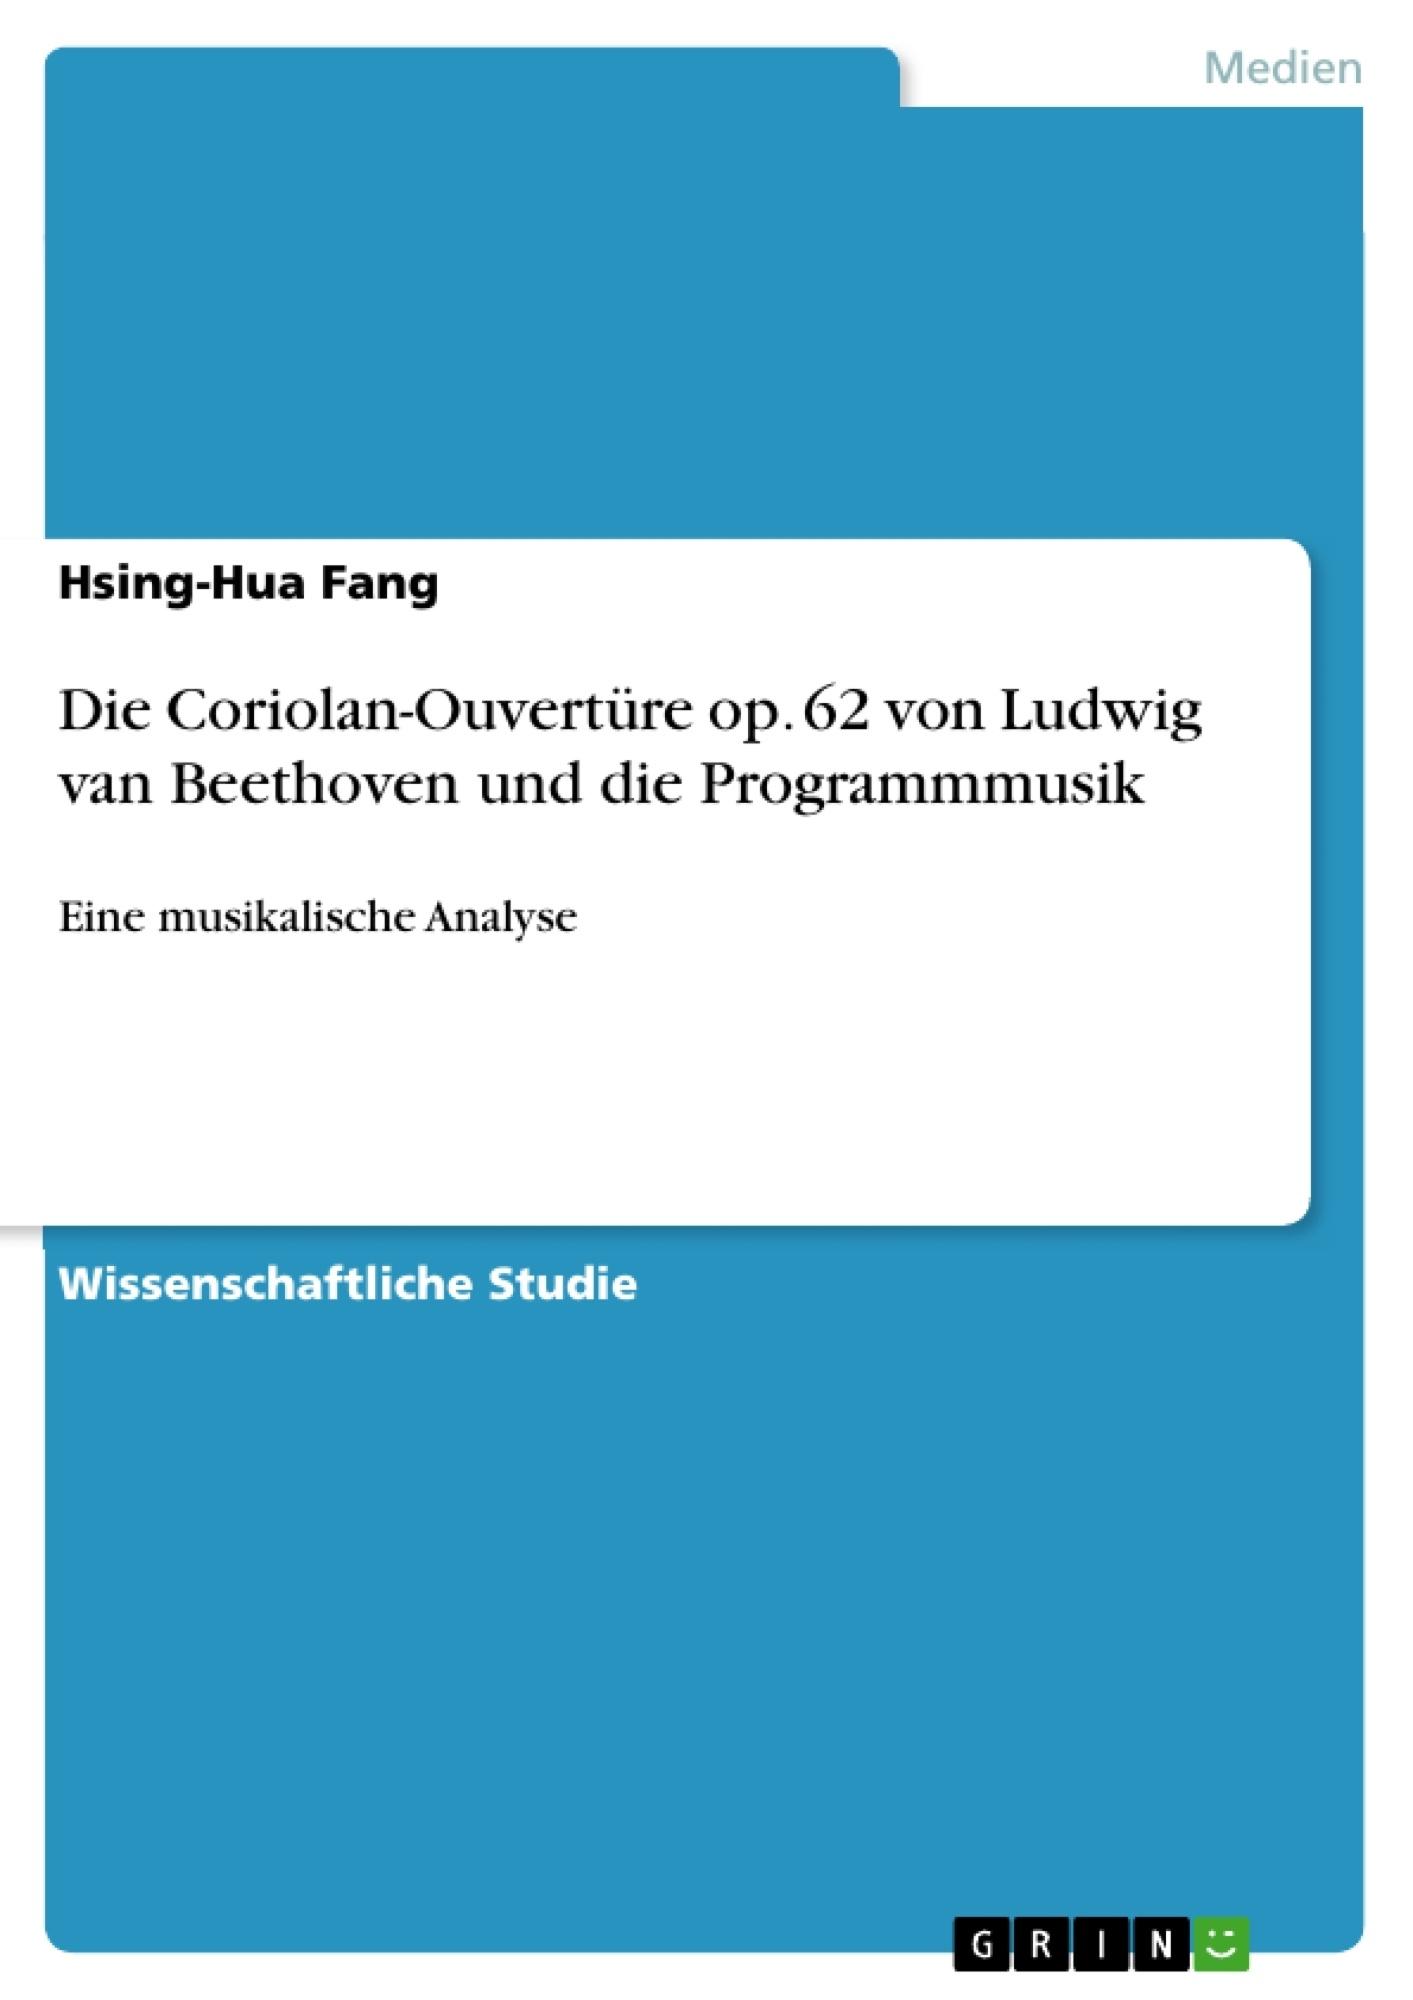 Titel: Die Coriolan-Ouvertüre op. 62 von Ludwig van Beethoven und die Programmmusik